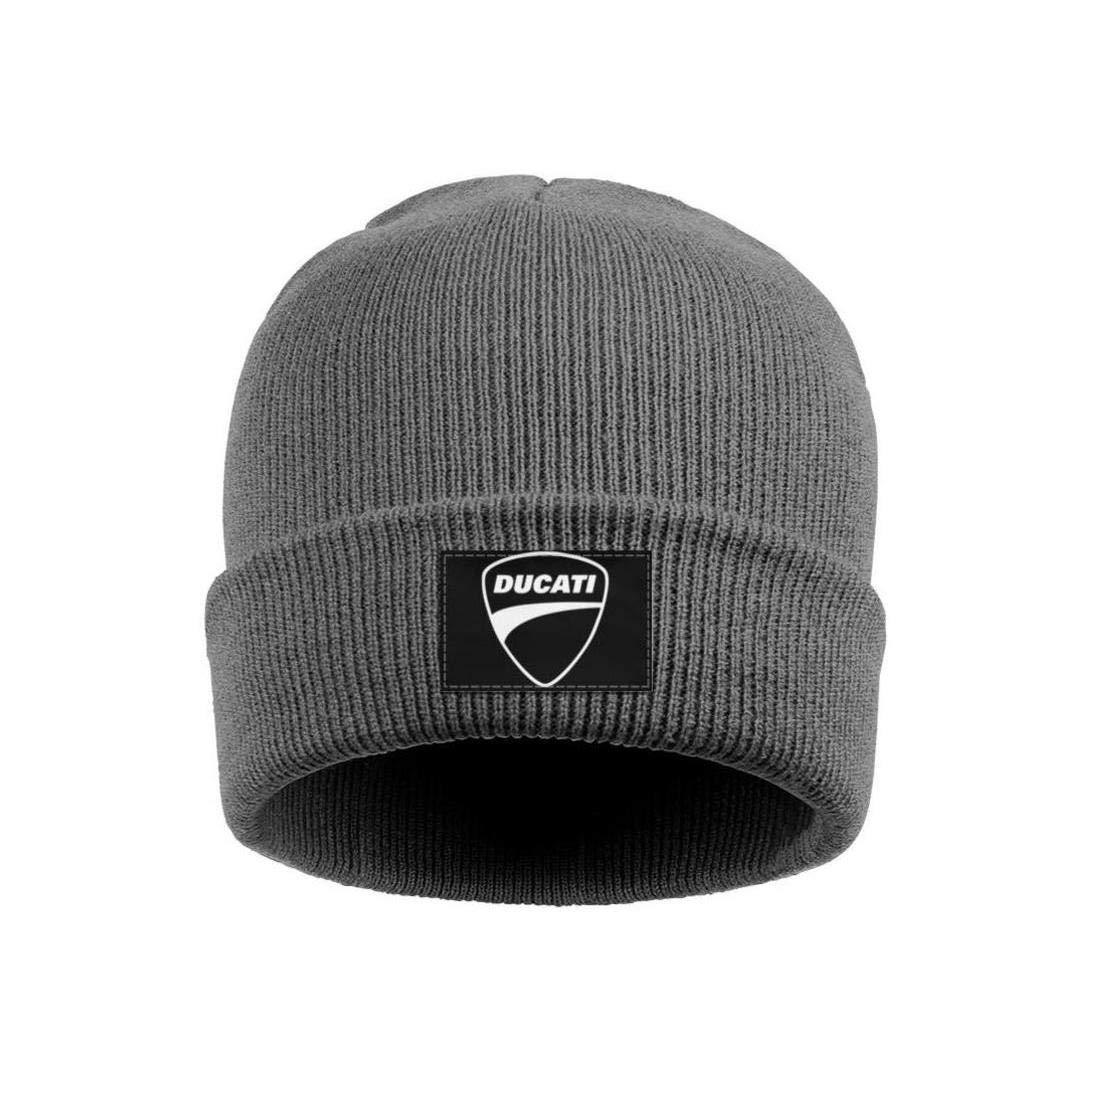 Wool Beanie Cap Knit Caps Fine Knit Beanie Skull HatsSoft Slouchy Men Ducati-Motorcycle-Logo